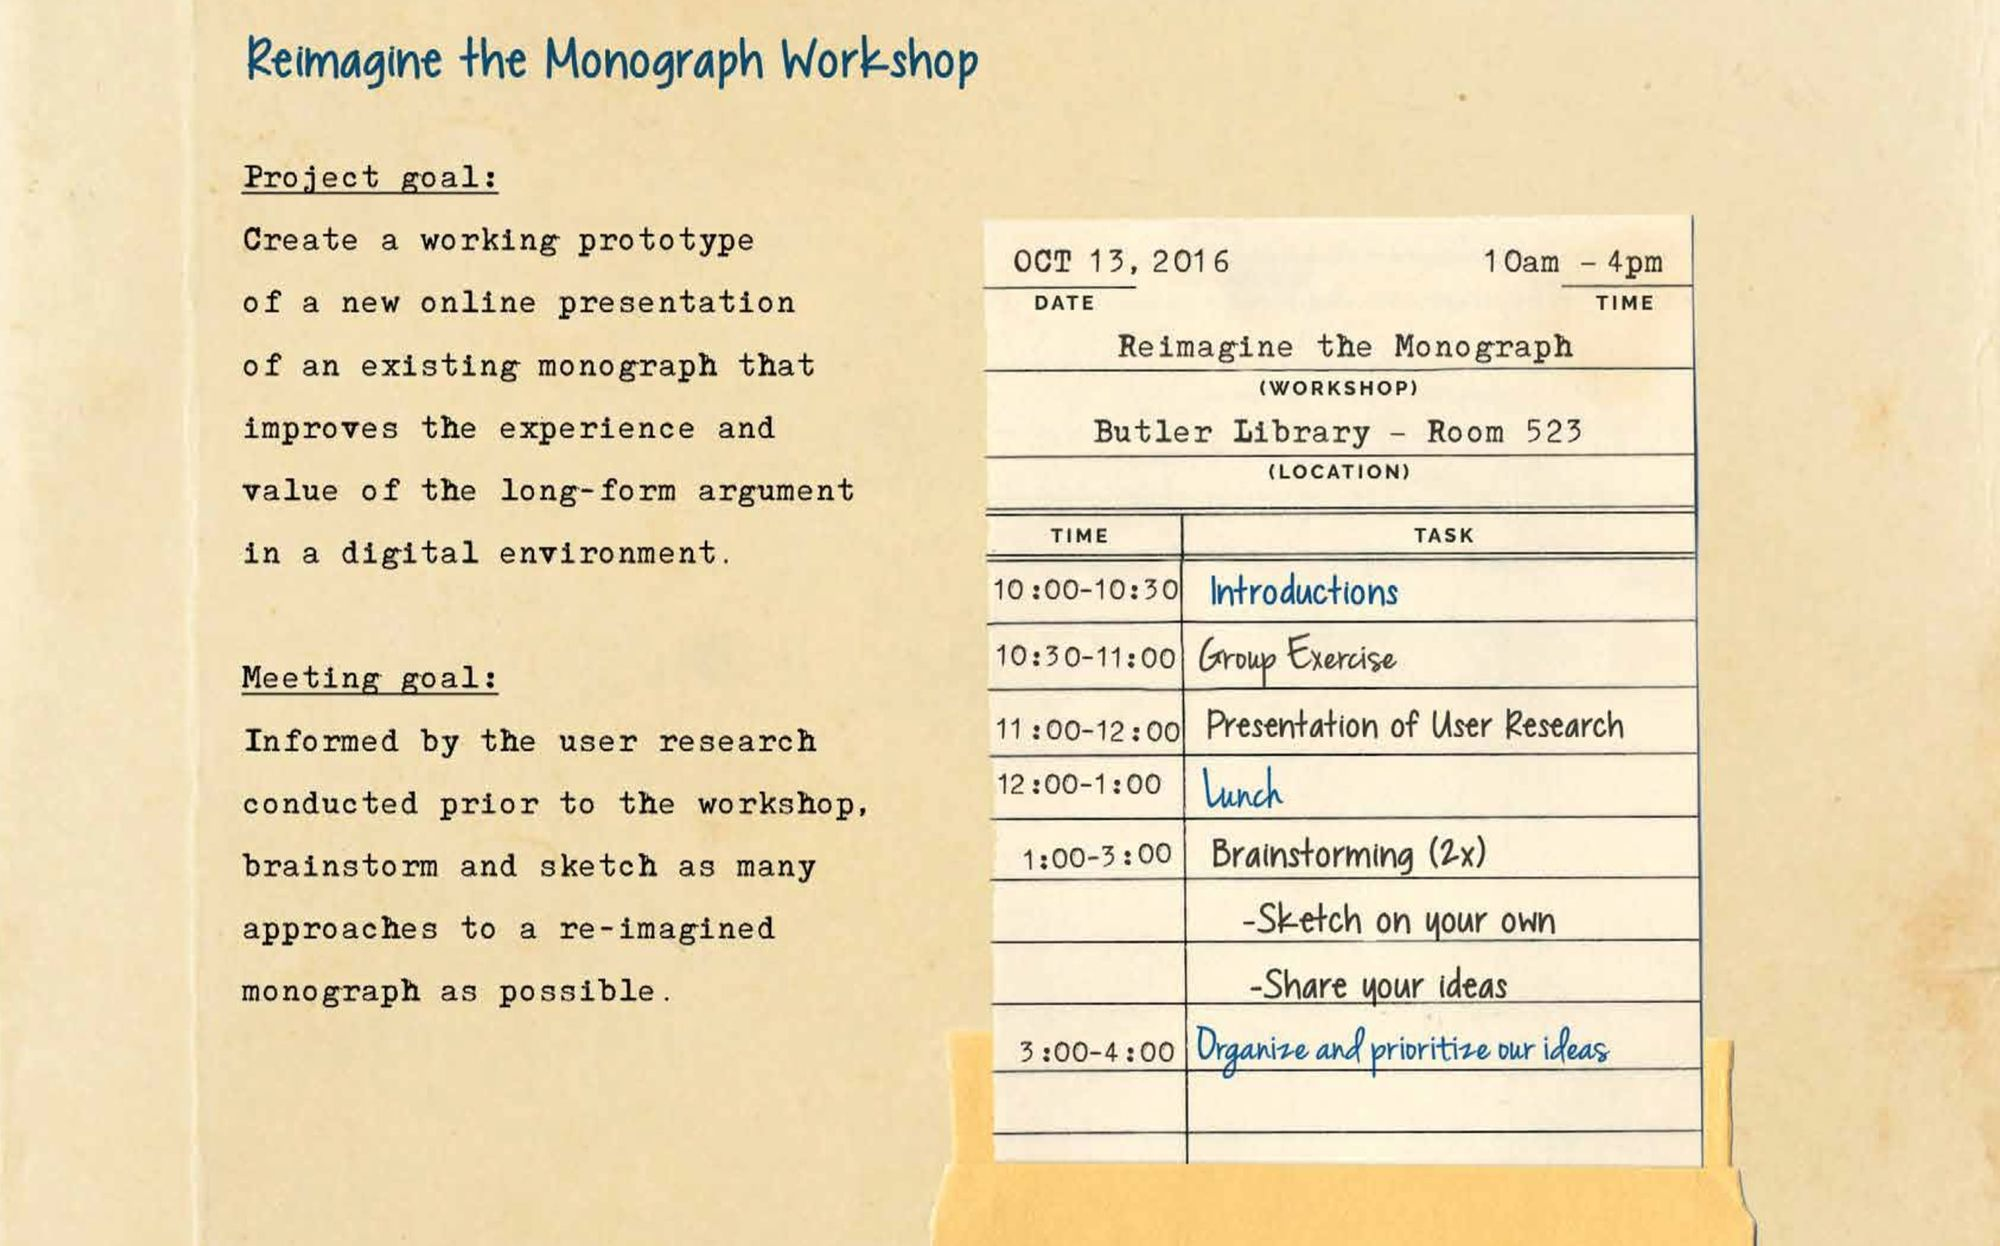 Reimagining the Monograph